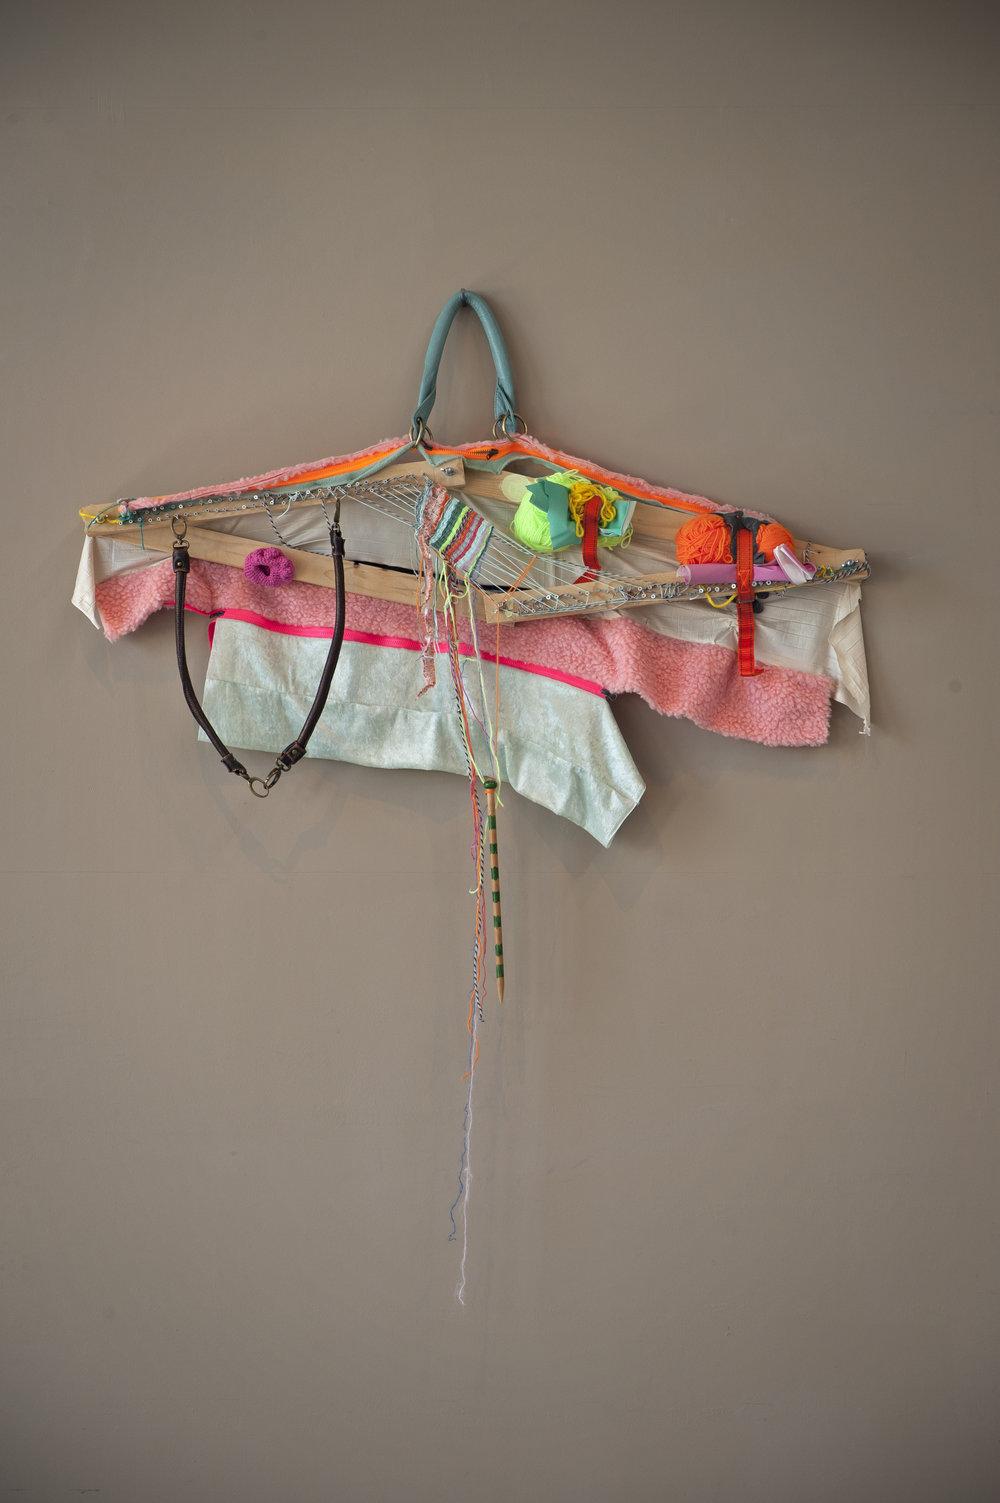 Katrine Ellefsen,  Tverrsnitt . Tekstil. Fri teknikk, tre, tekstil, skruer, garn, skinn, glidelås. Foto: Kjell S. Stenmarch